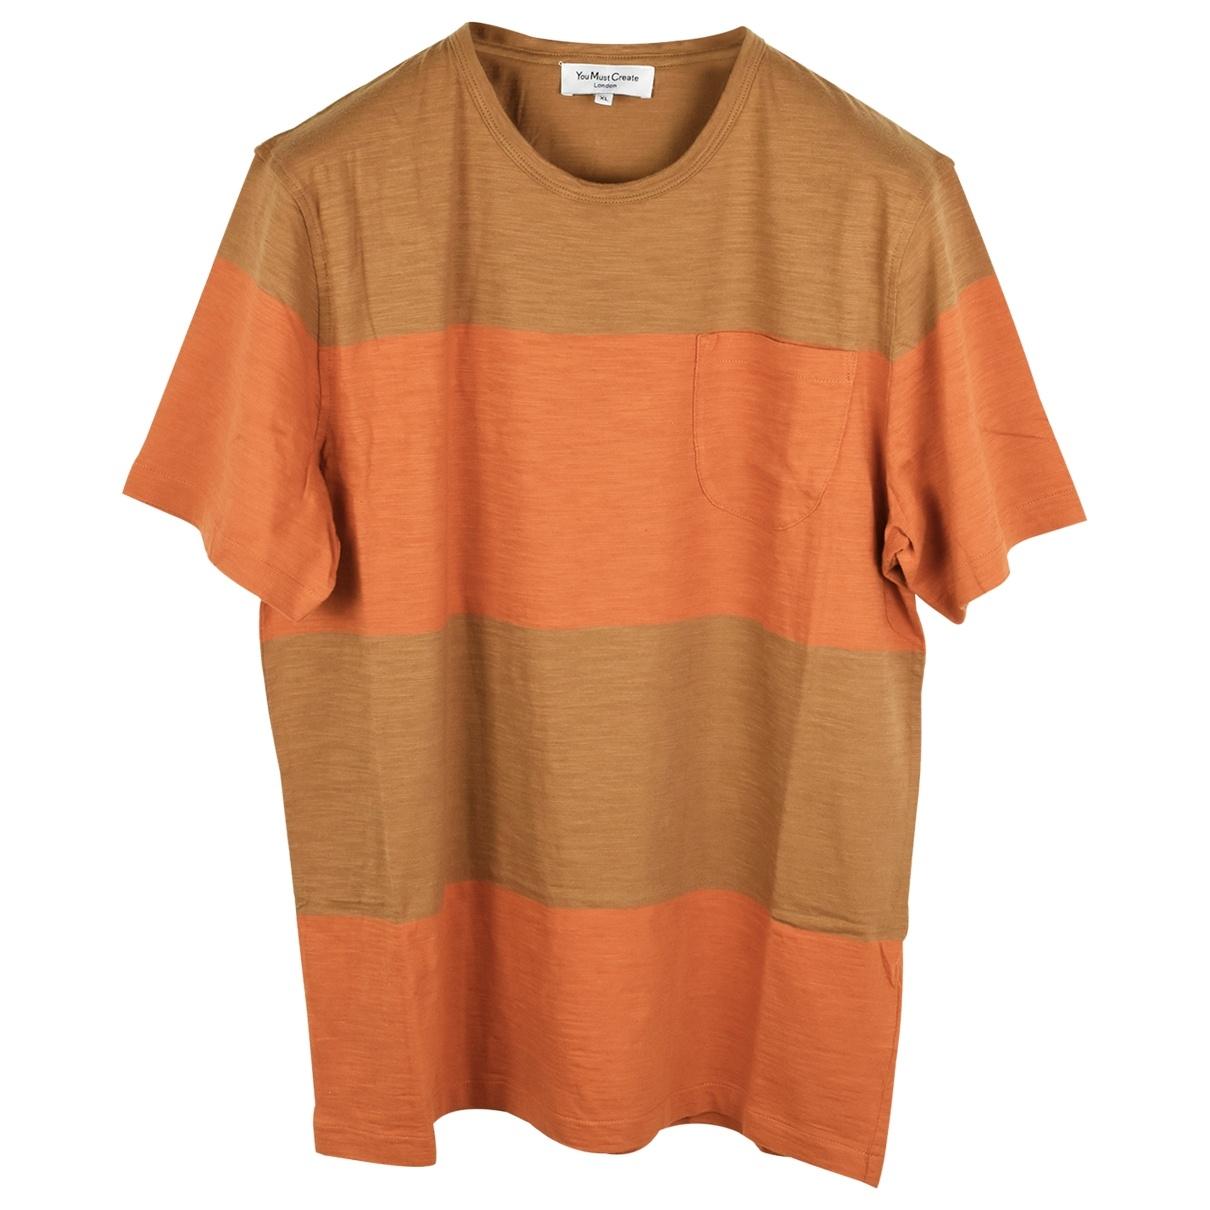 Ymc - Tee shirts   pour homme en coton - multicolore